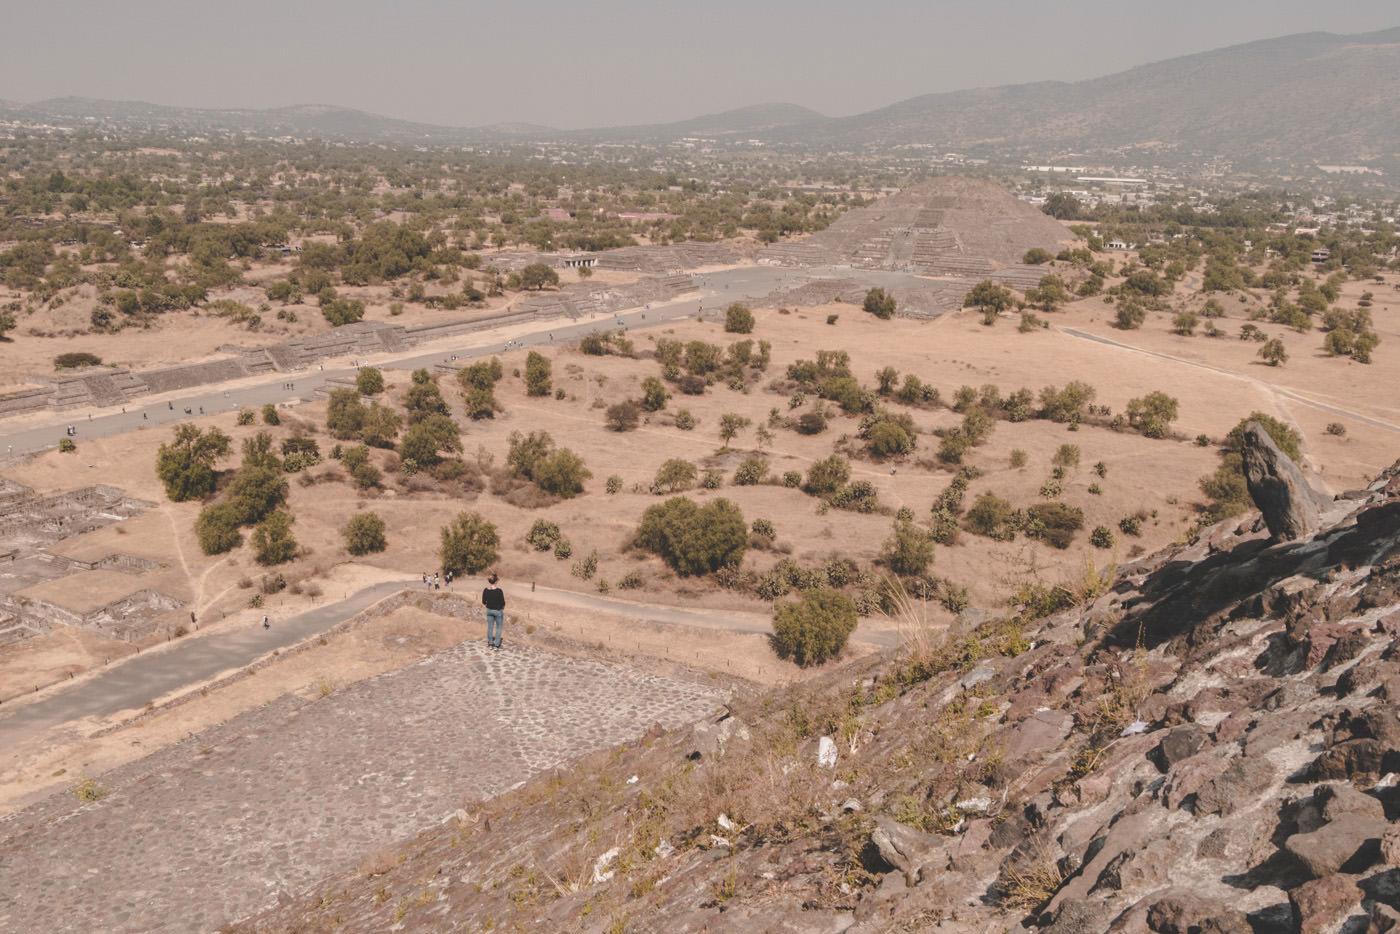 Julia blickt auf die Mondpyramide von Teotihuacan bei Mexiko-Stadt